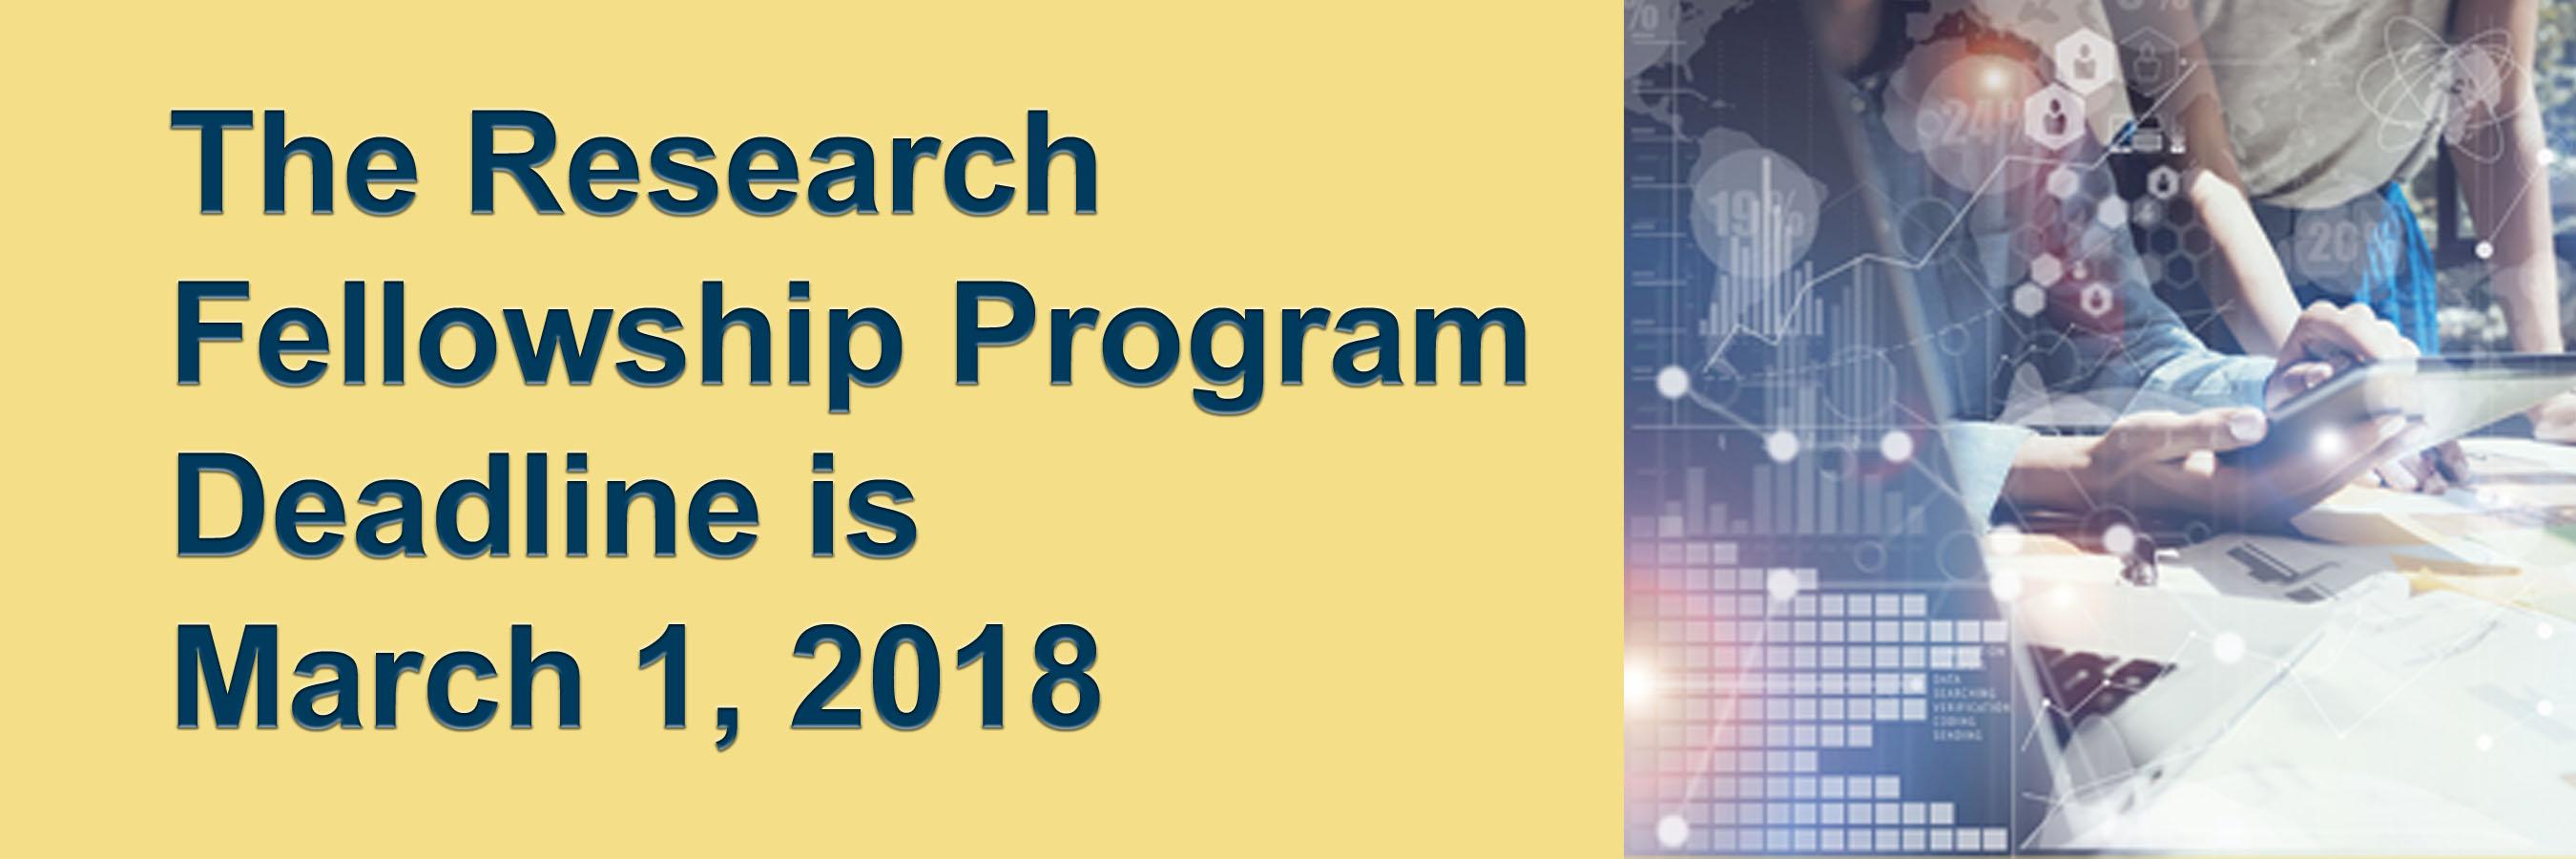 Research Fellowship Deadline